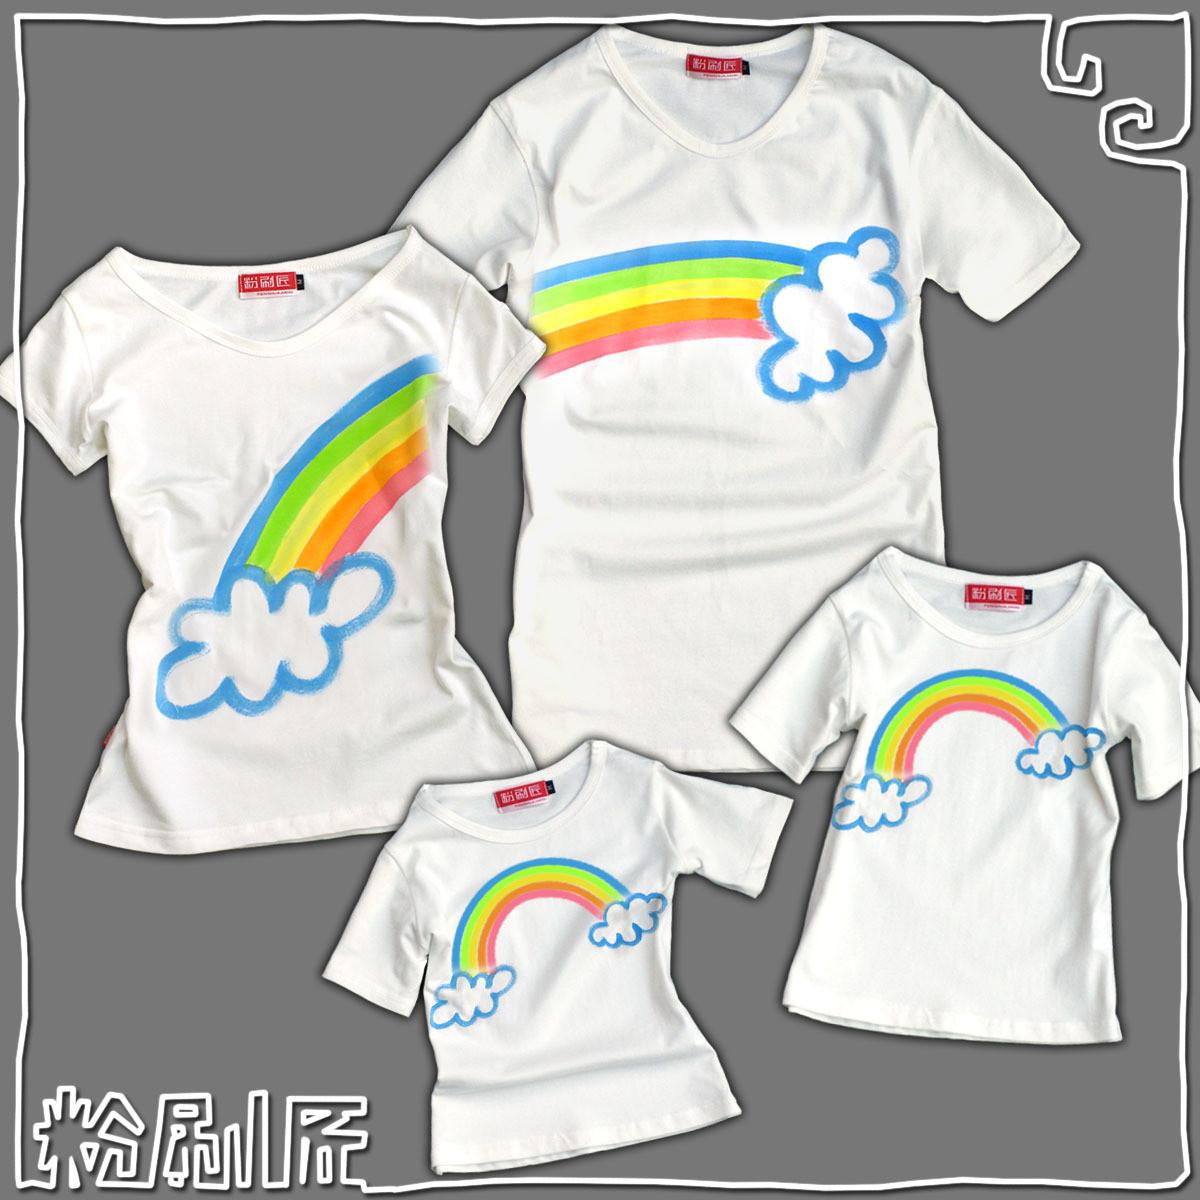 彩虹 手绘个性品质夏季t恤亲子装夏装2012款棉质女v领